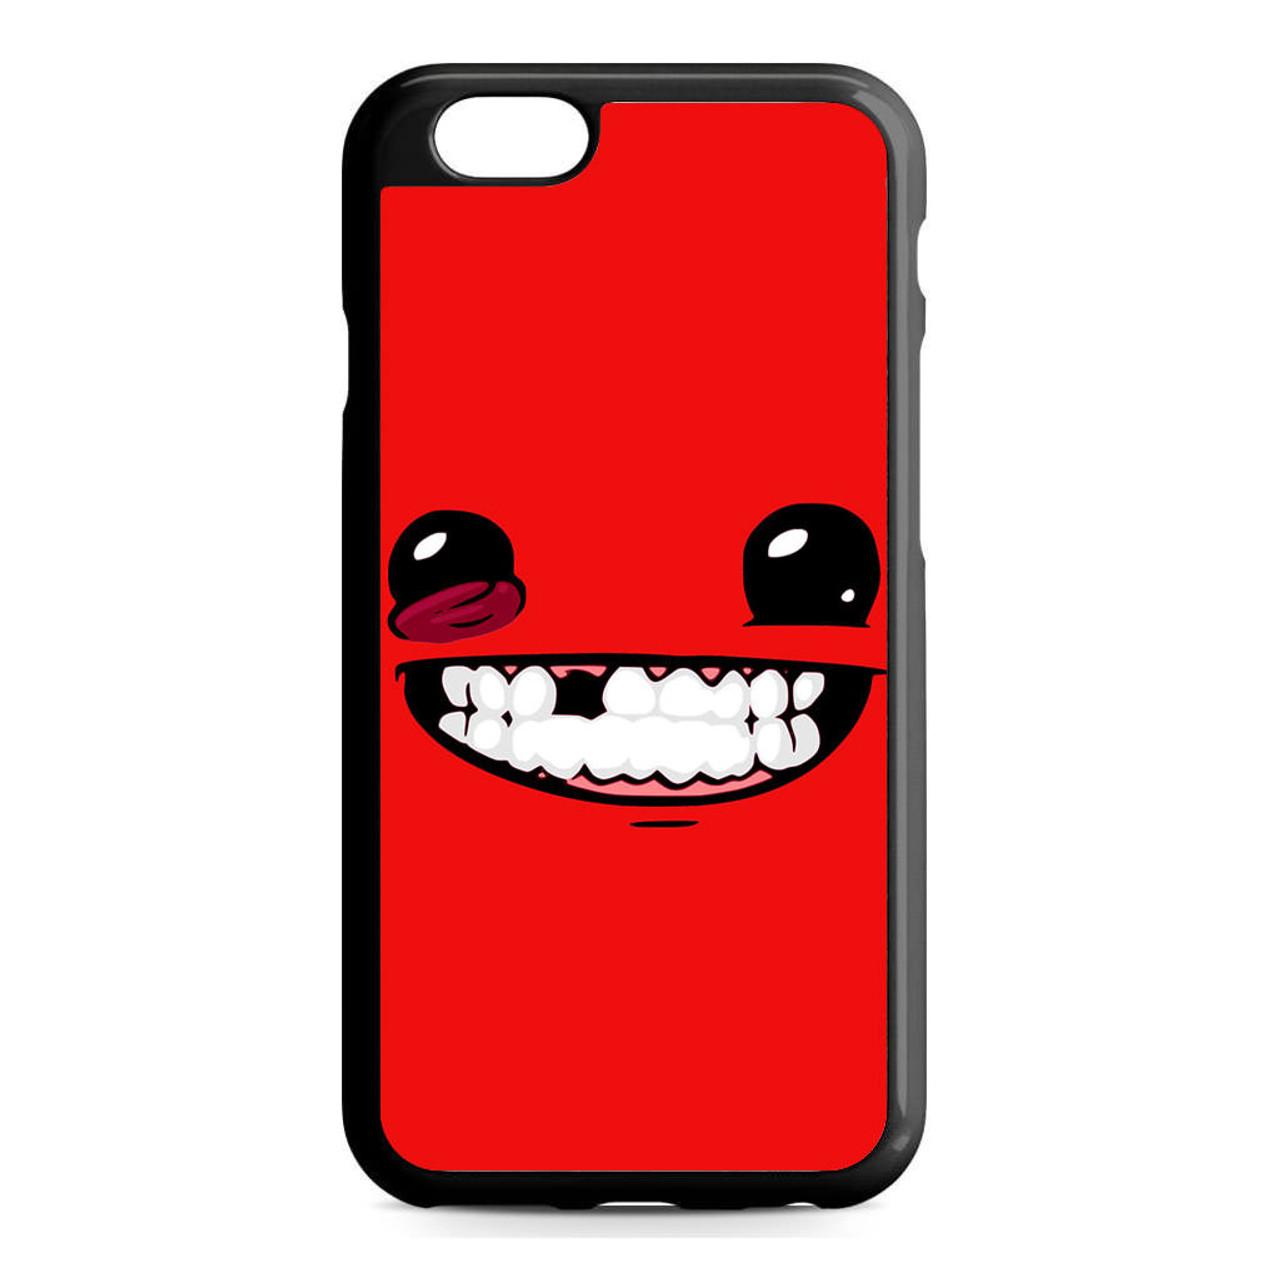 reputable site e492f 7abd3 Super Meat Boy iPhone 6/6S Case